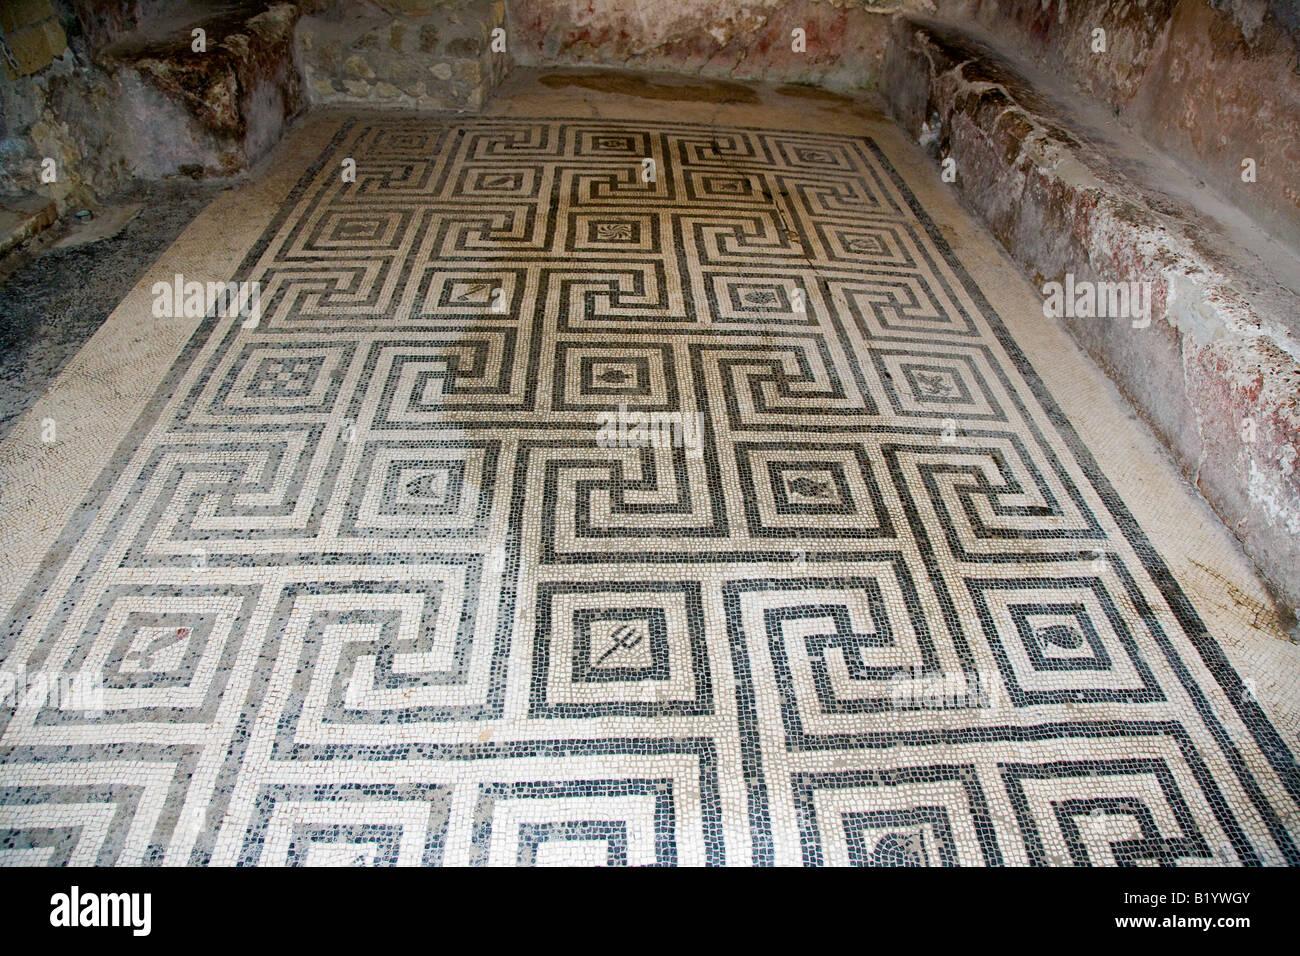 Progetta in mosaico sul pavimento del complesso di bagni di